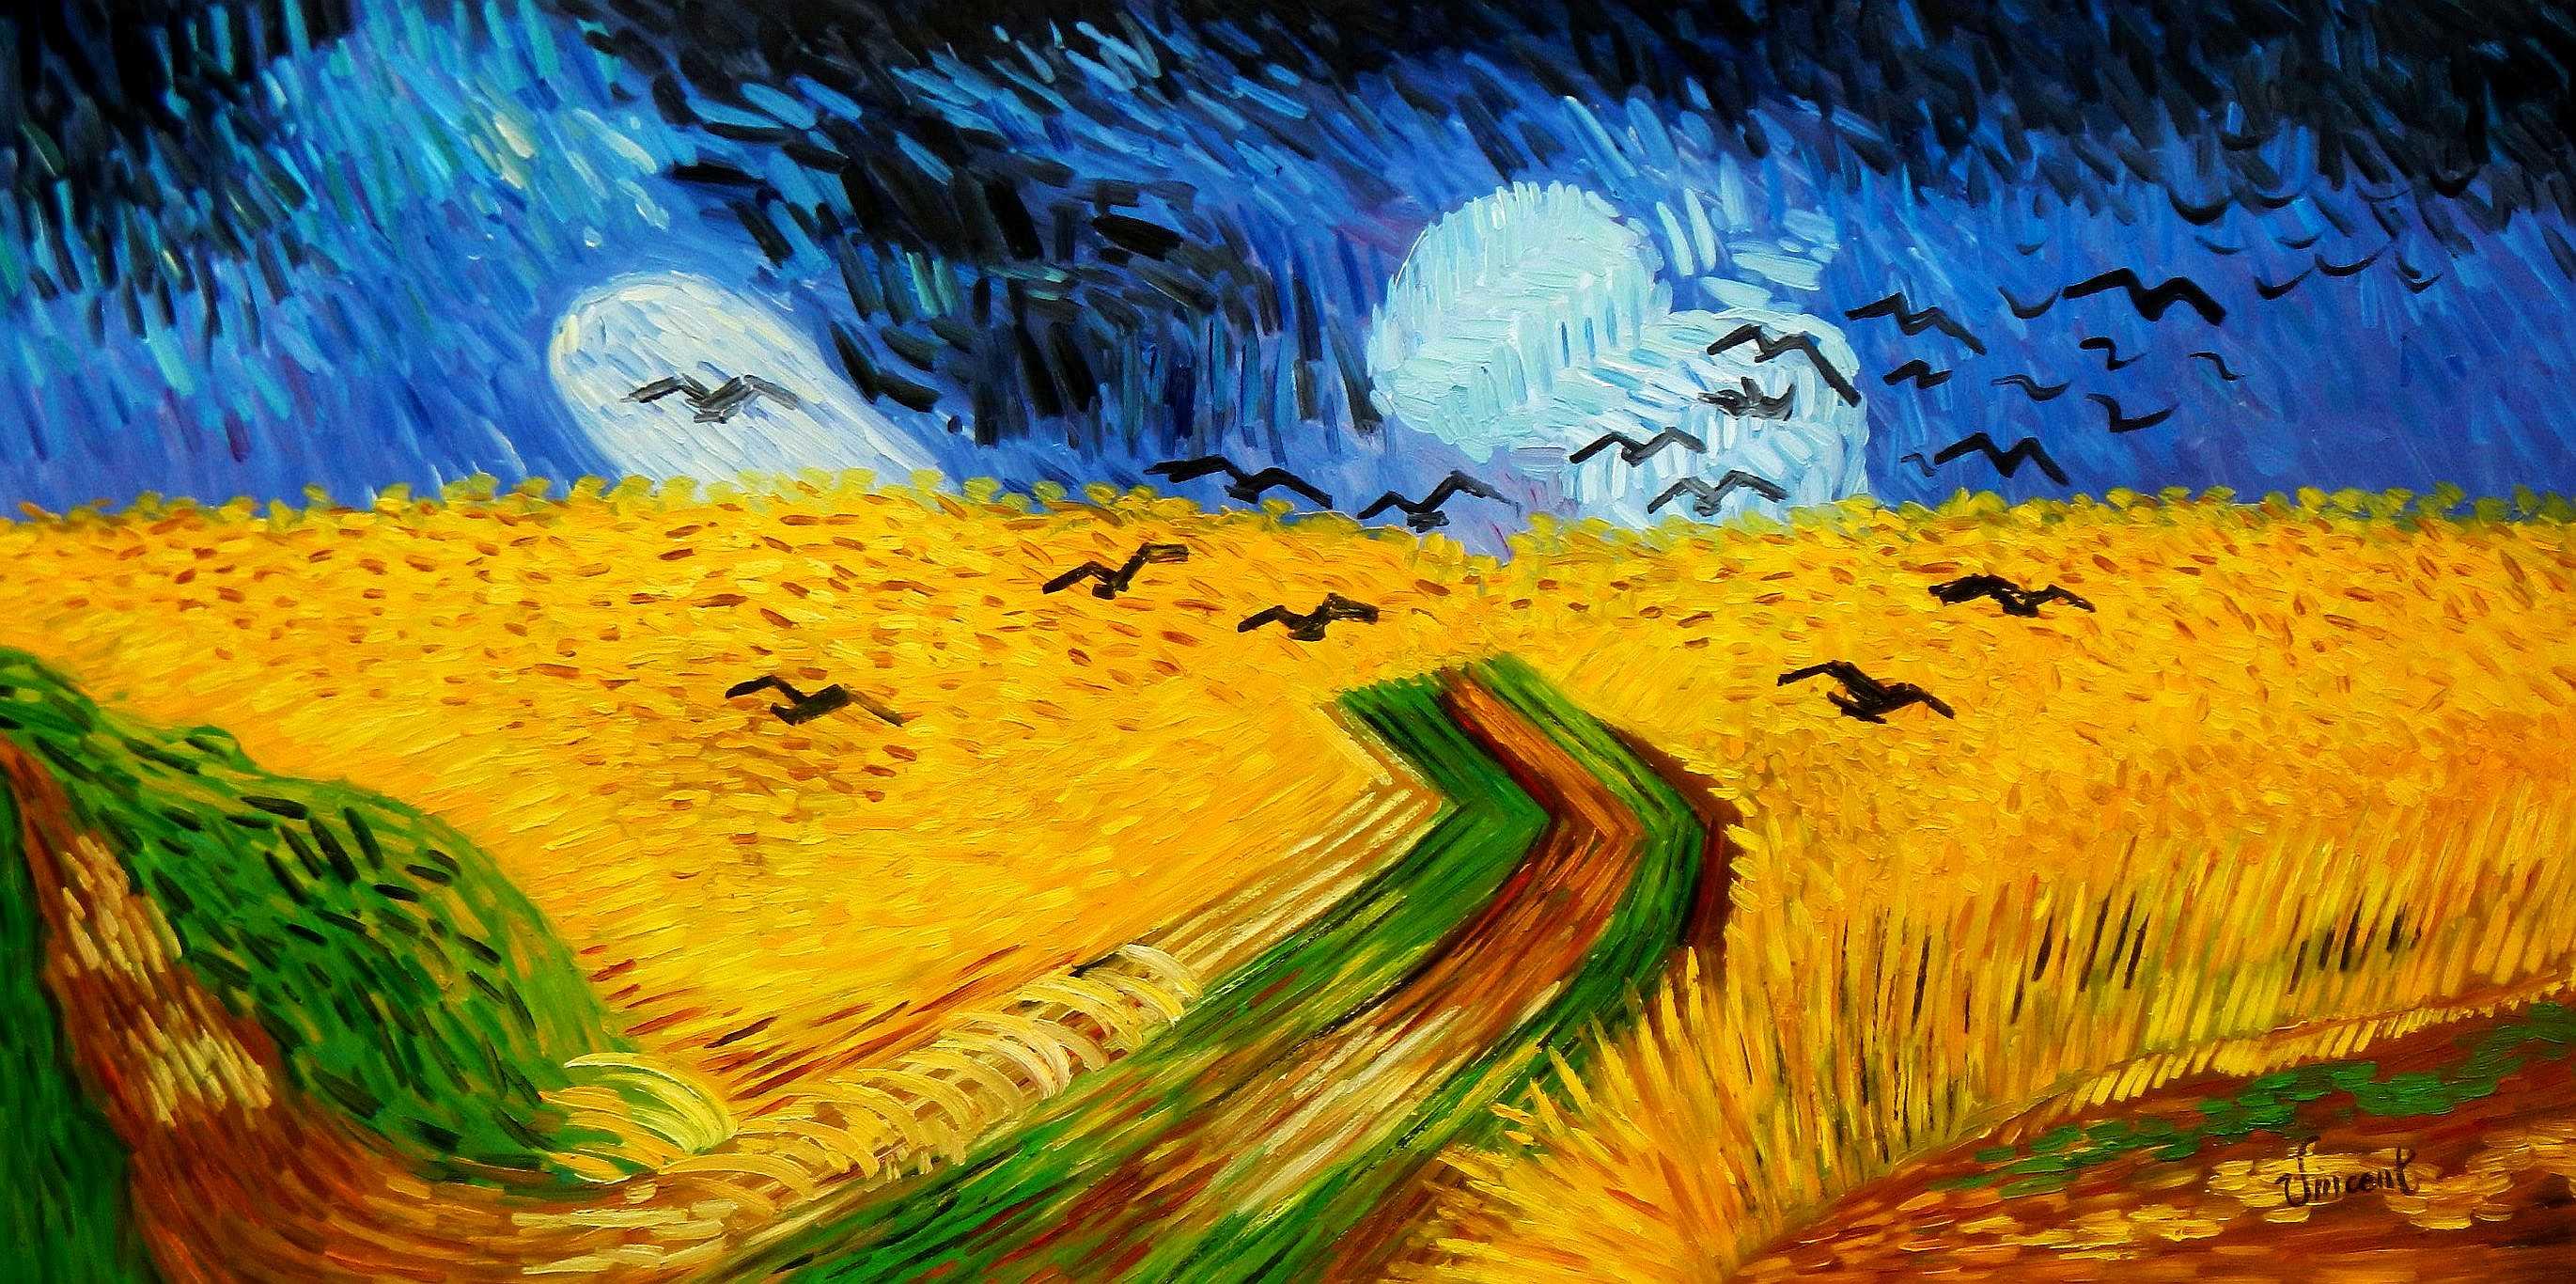 Vincent van Gogh - Kornfeld mit Krähen f94922 60x120cm Ölgemälde handgemalt